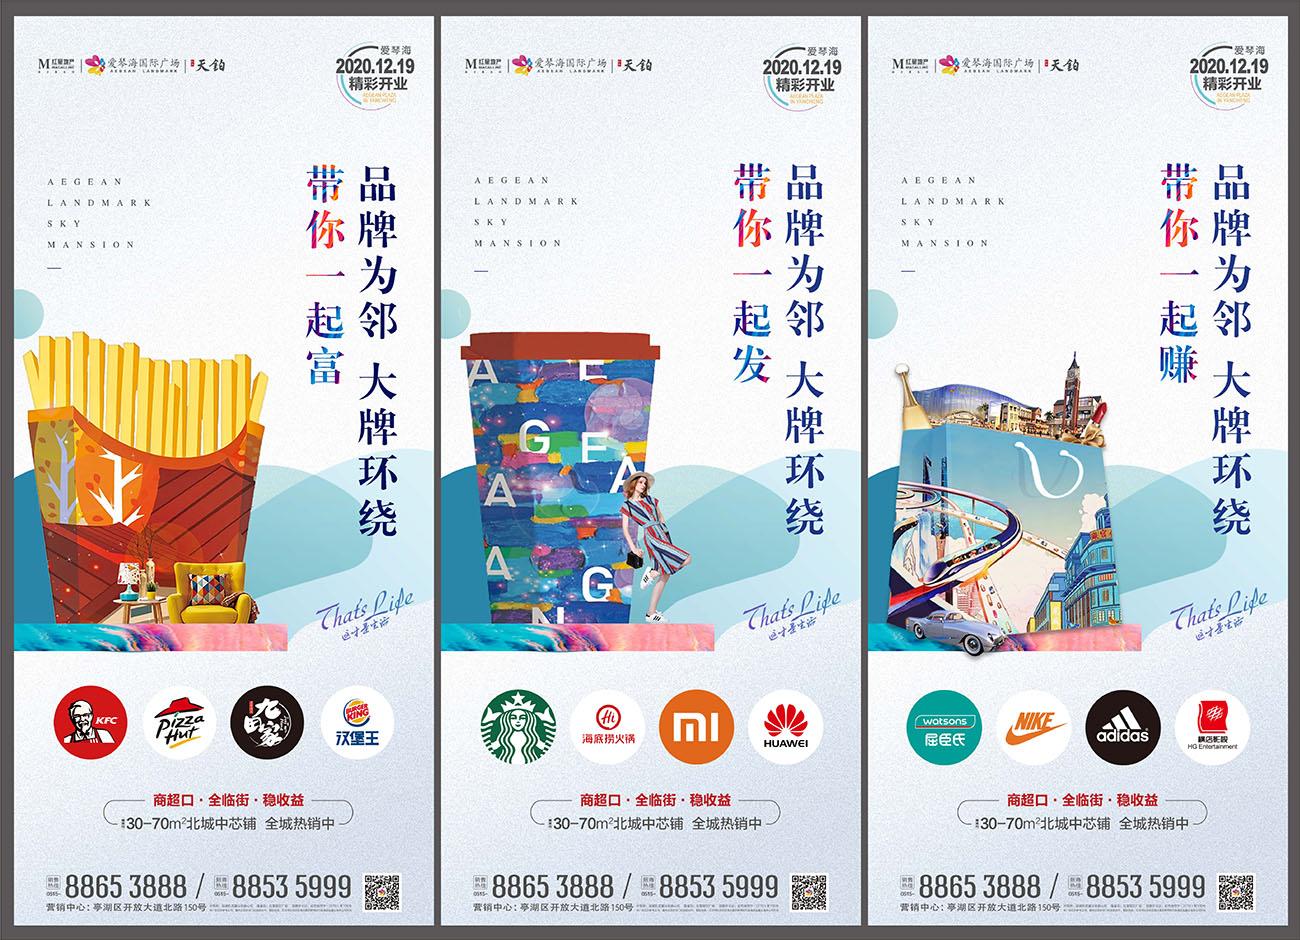 品牌入驻招商宣传系列海报PSD源文件插图